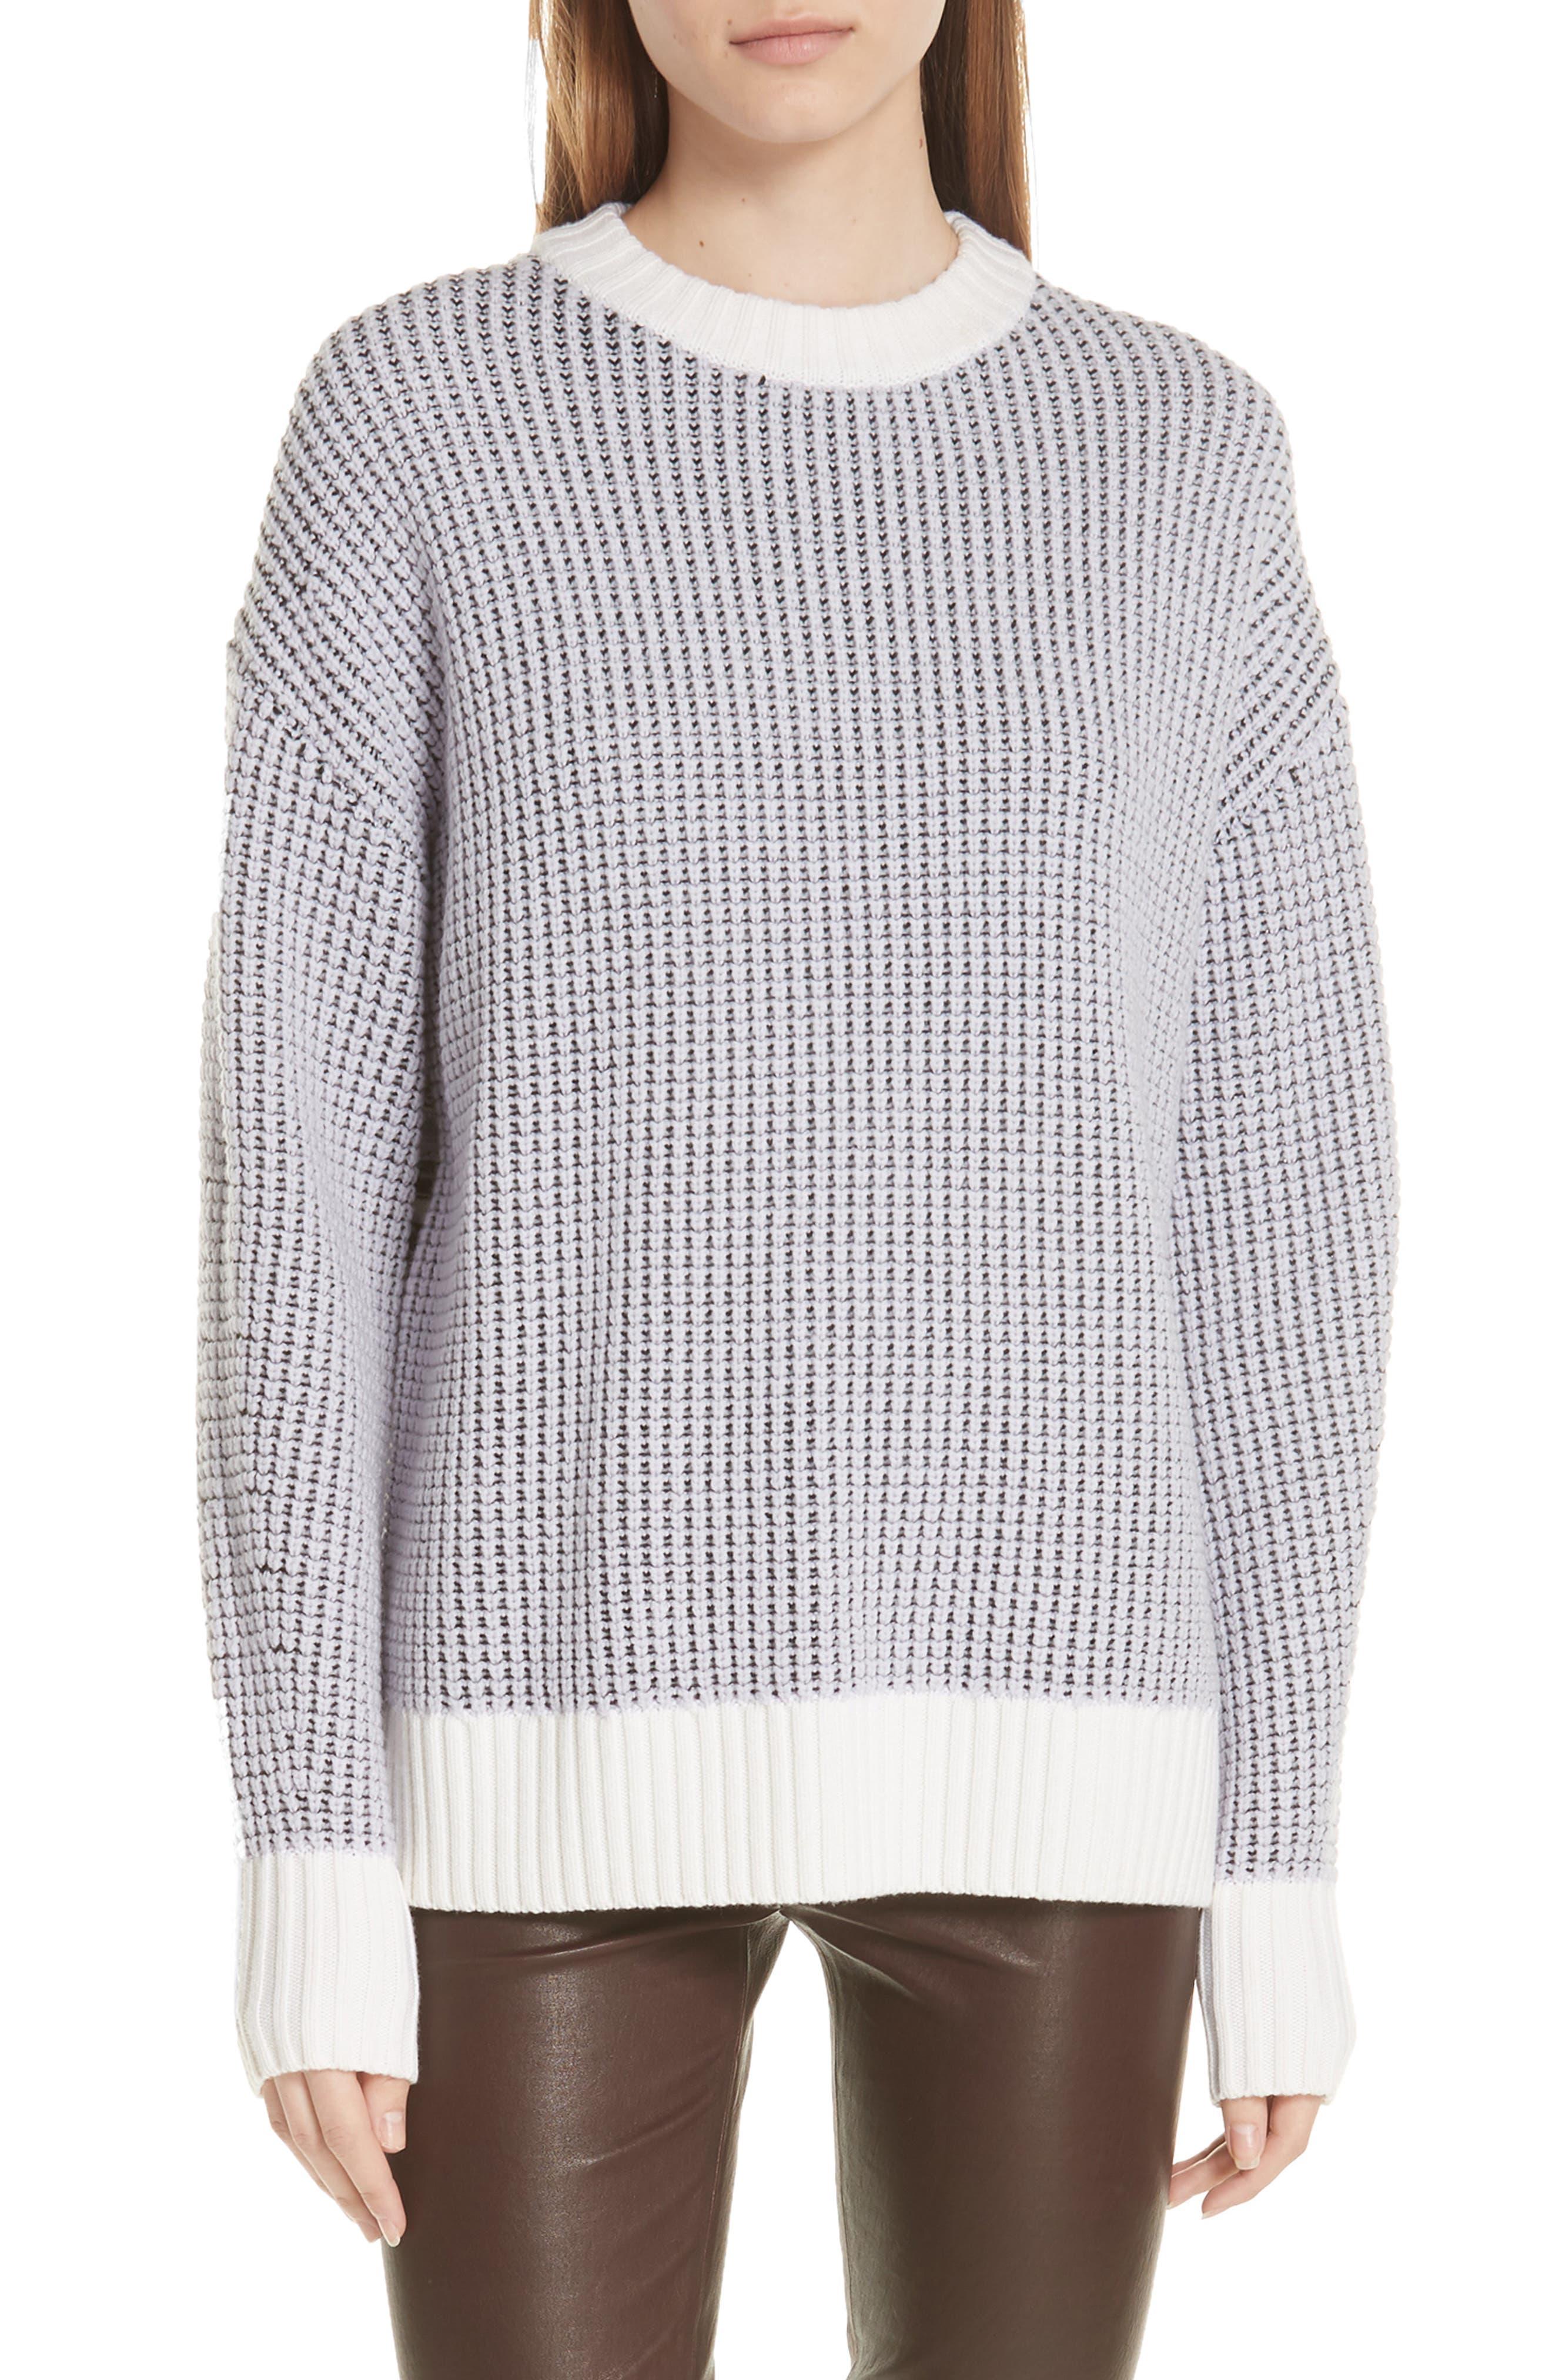 GREY JASON WU Fair Isle Back Merino Wool Sweater in Multi